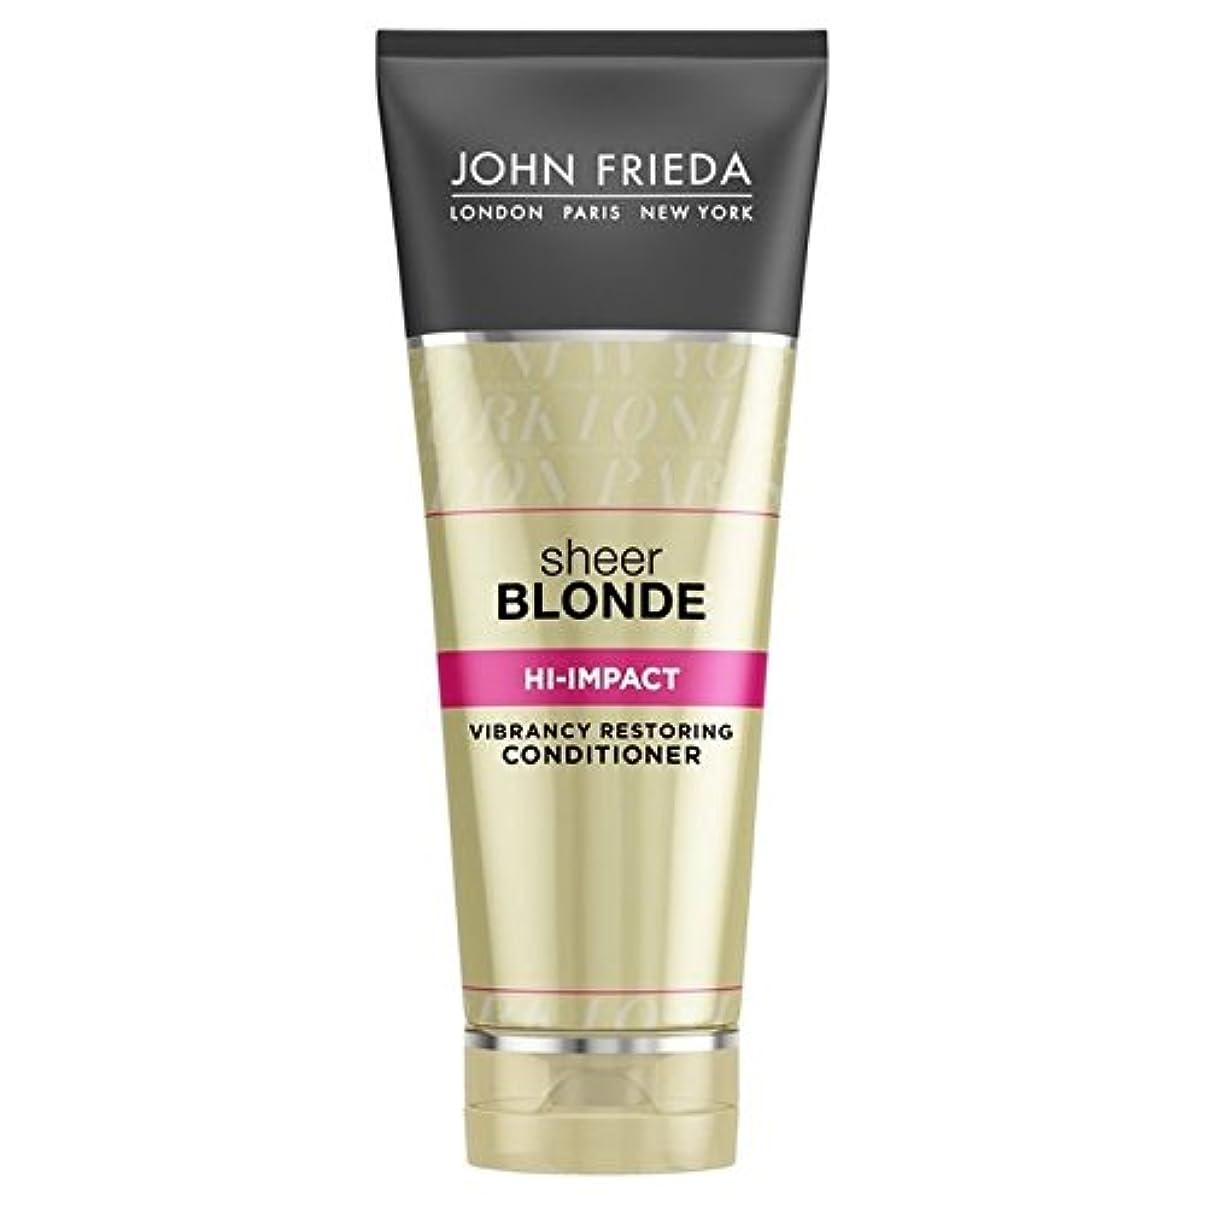 前置詞ジェスチャーコークスジョン?フリーダ膨大なブロンドハイインパクトコンディショナー250 x4 - John Frieda Sheer Blonde Hi Impact Conditioner 250ml (Pack of 4) [並行輸入品]